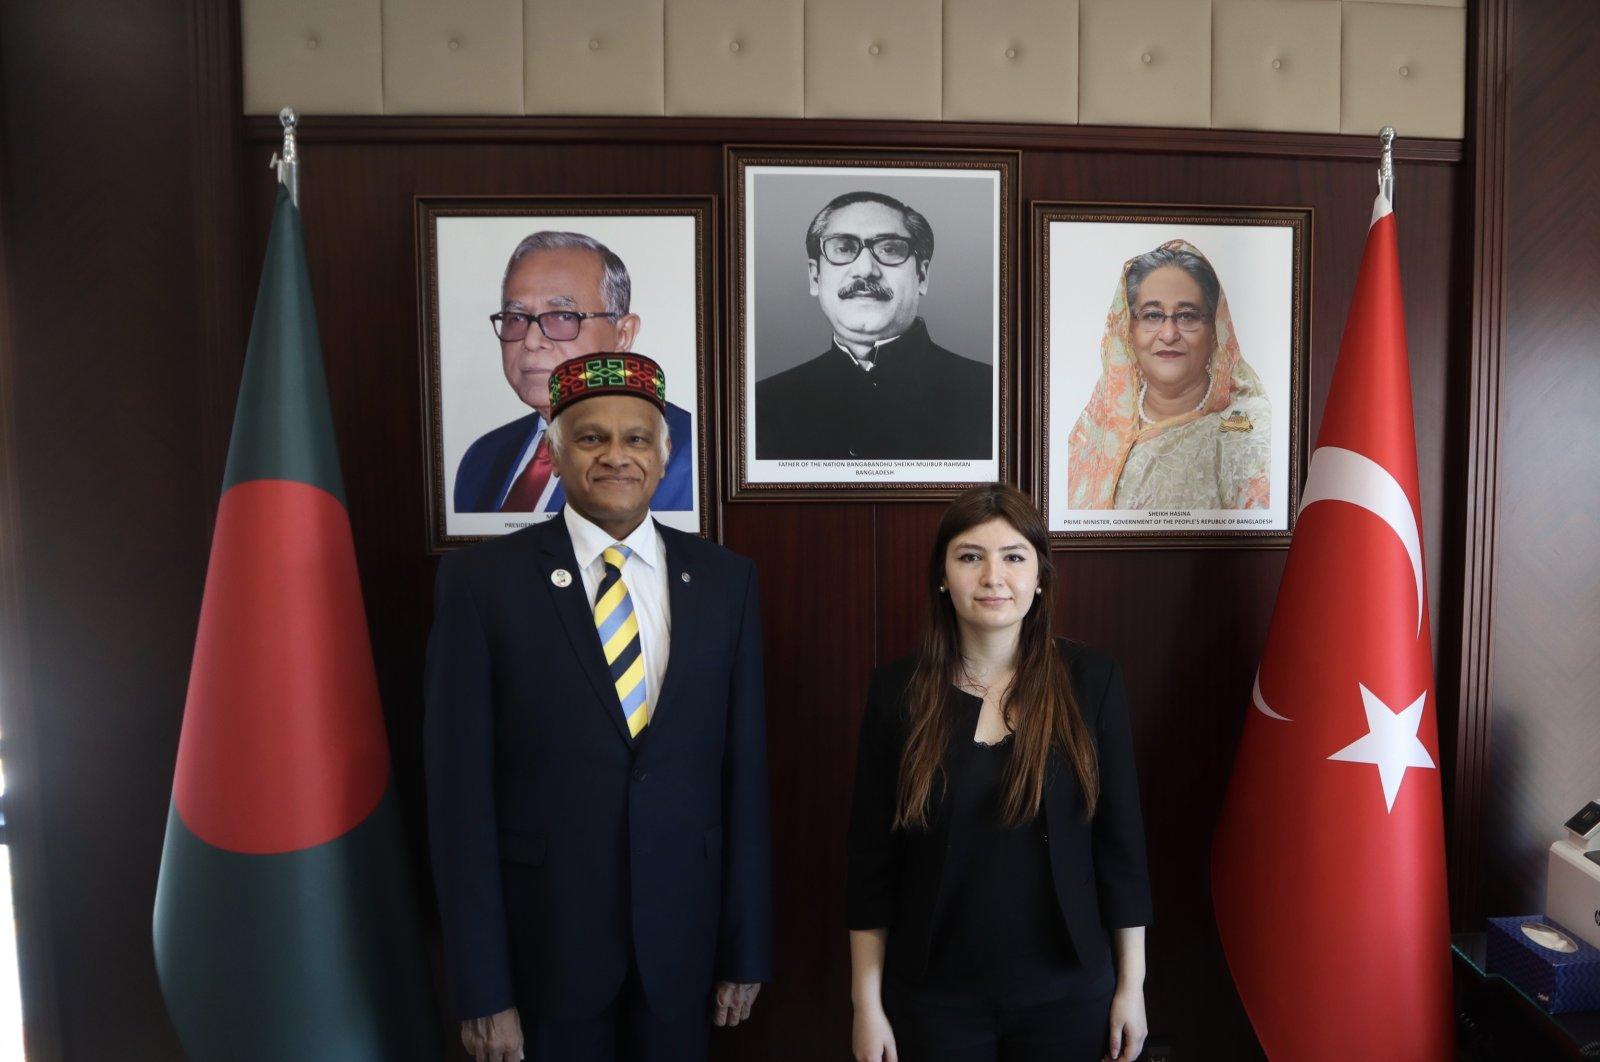 Bangladesh's Ambassador to Turkey Mosud Mannan poses for a photo with Daily Sabah's Dilara Aslan at the Bangladesh Embassy in Ankara, Turkey, May 18, 2021. (Daily Sabah Photo)